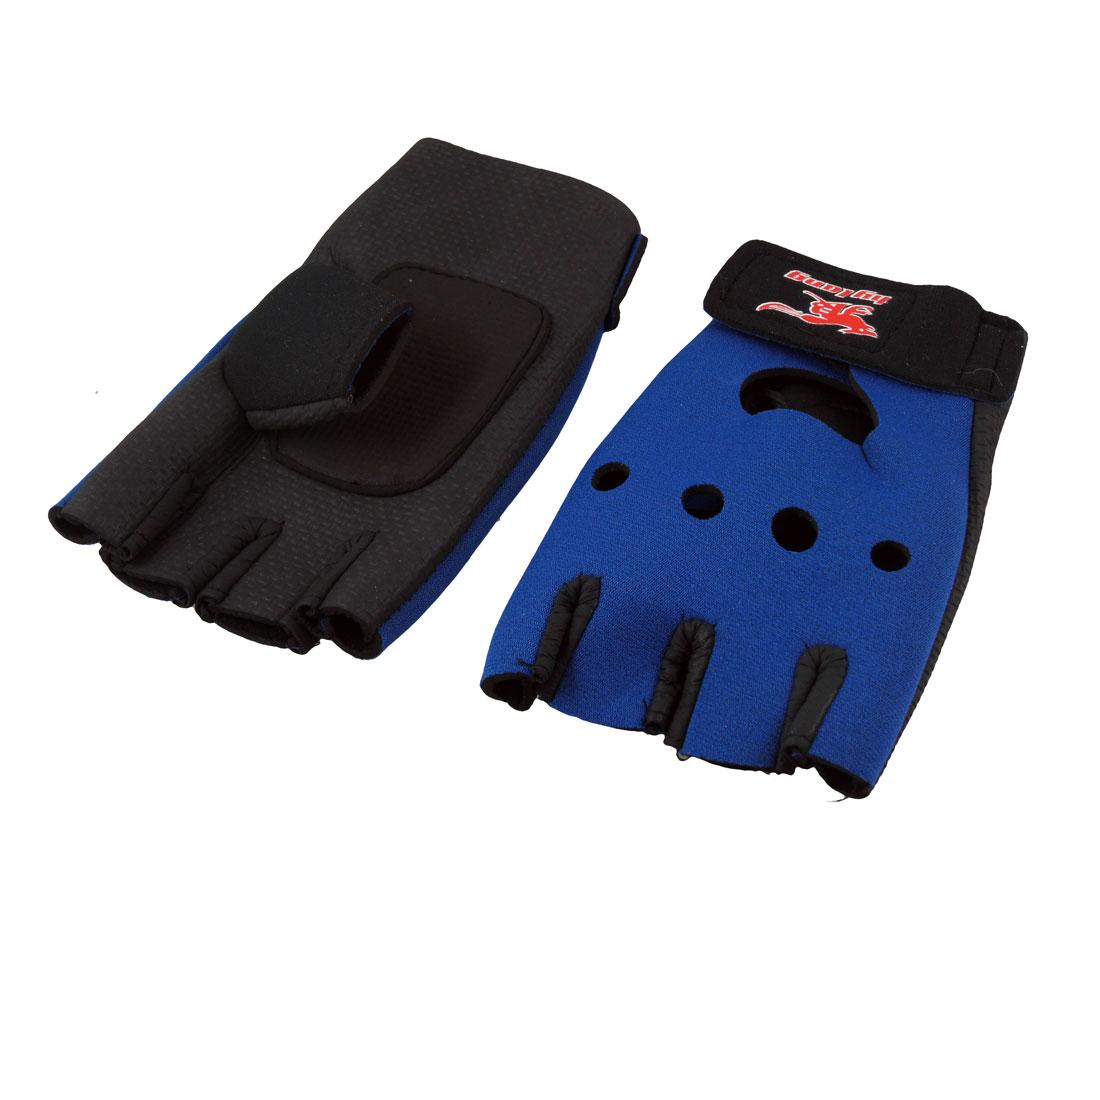 Hook Loop Fastener Black Blue Neoprene Driving Sport Gloves for Ladies